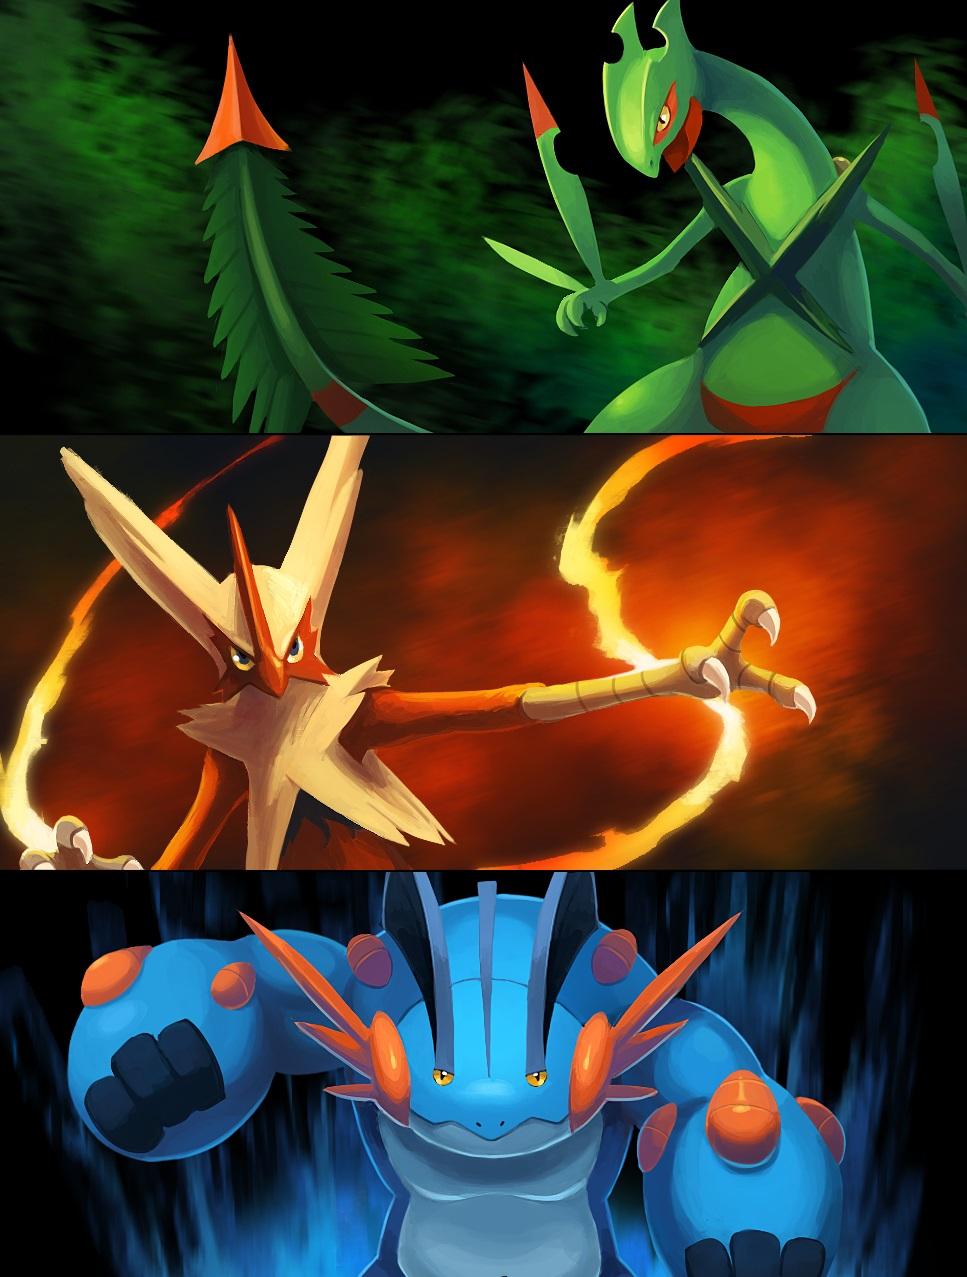 mega_hoenn_starters_by_arkeis_pokemon-d7lphnq